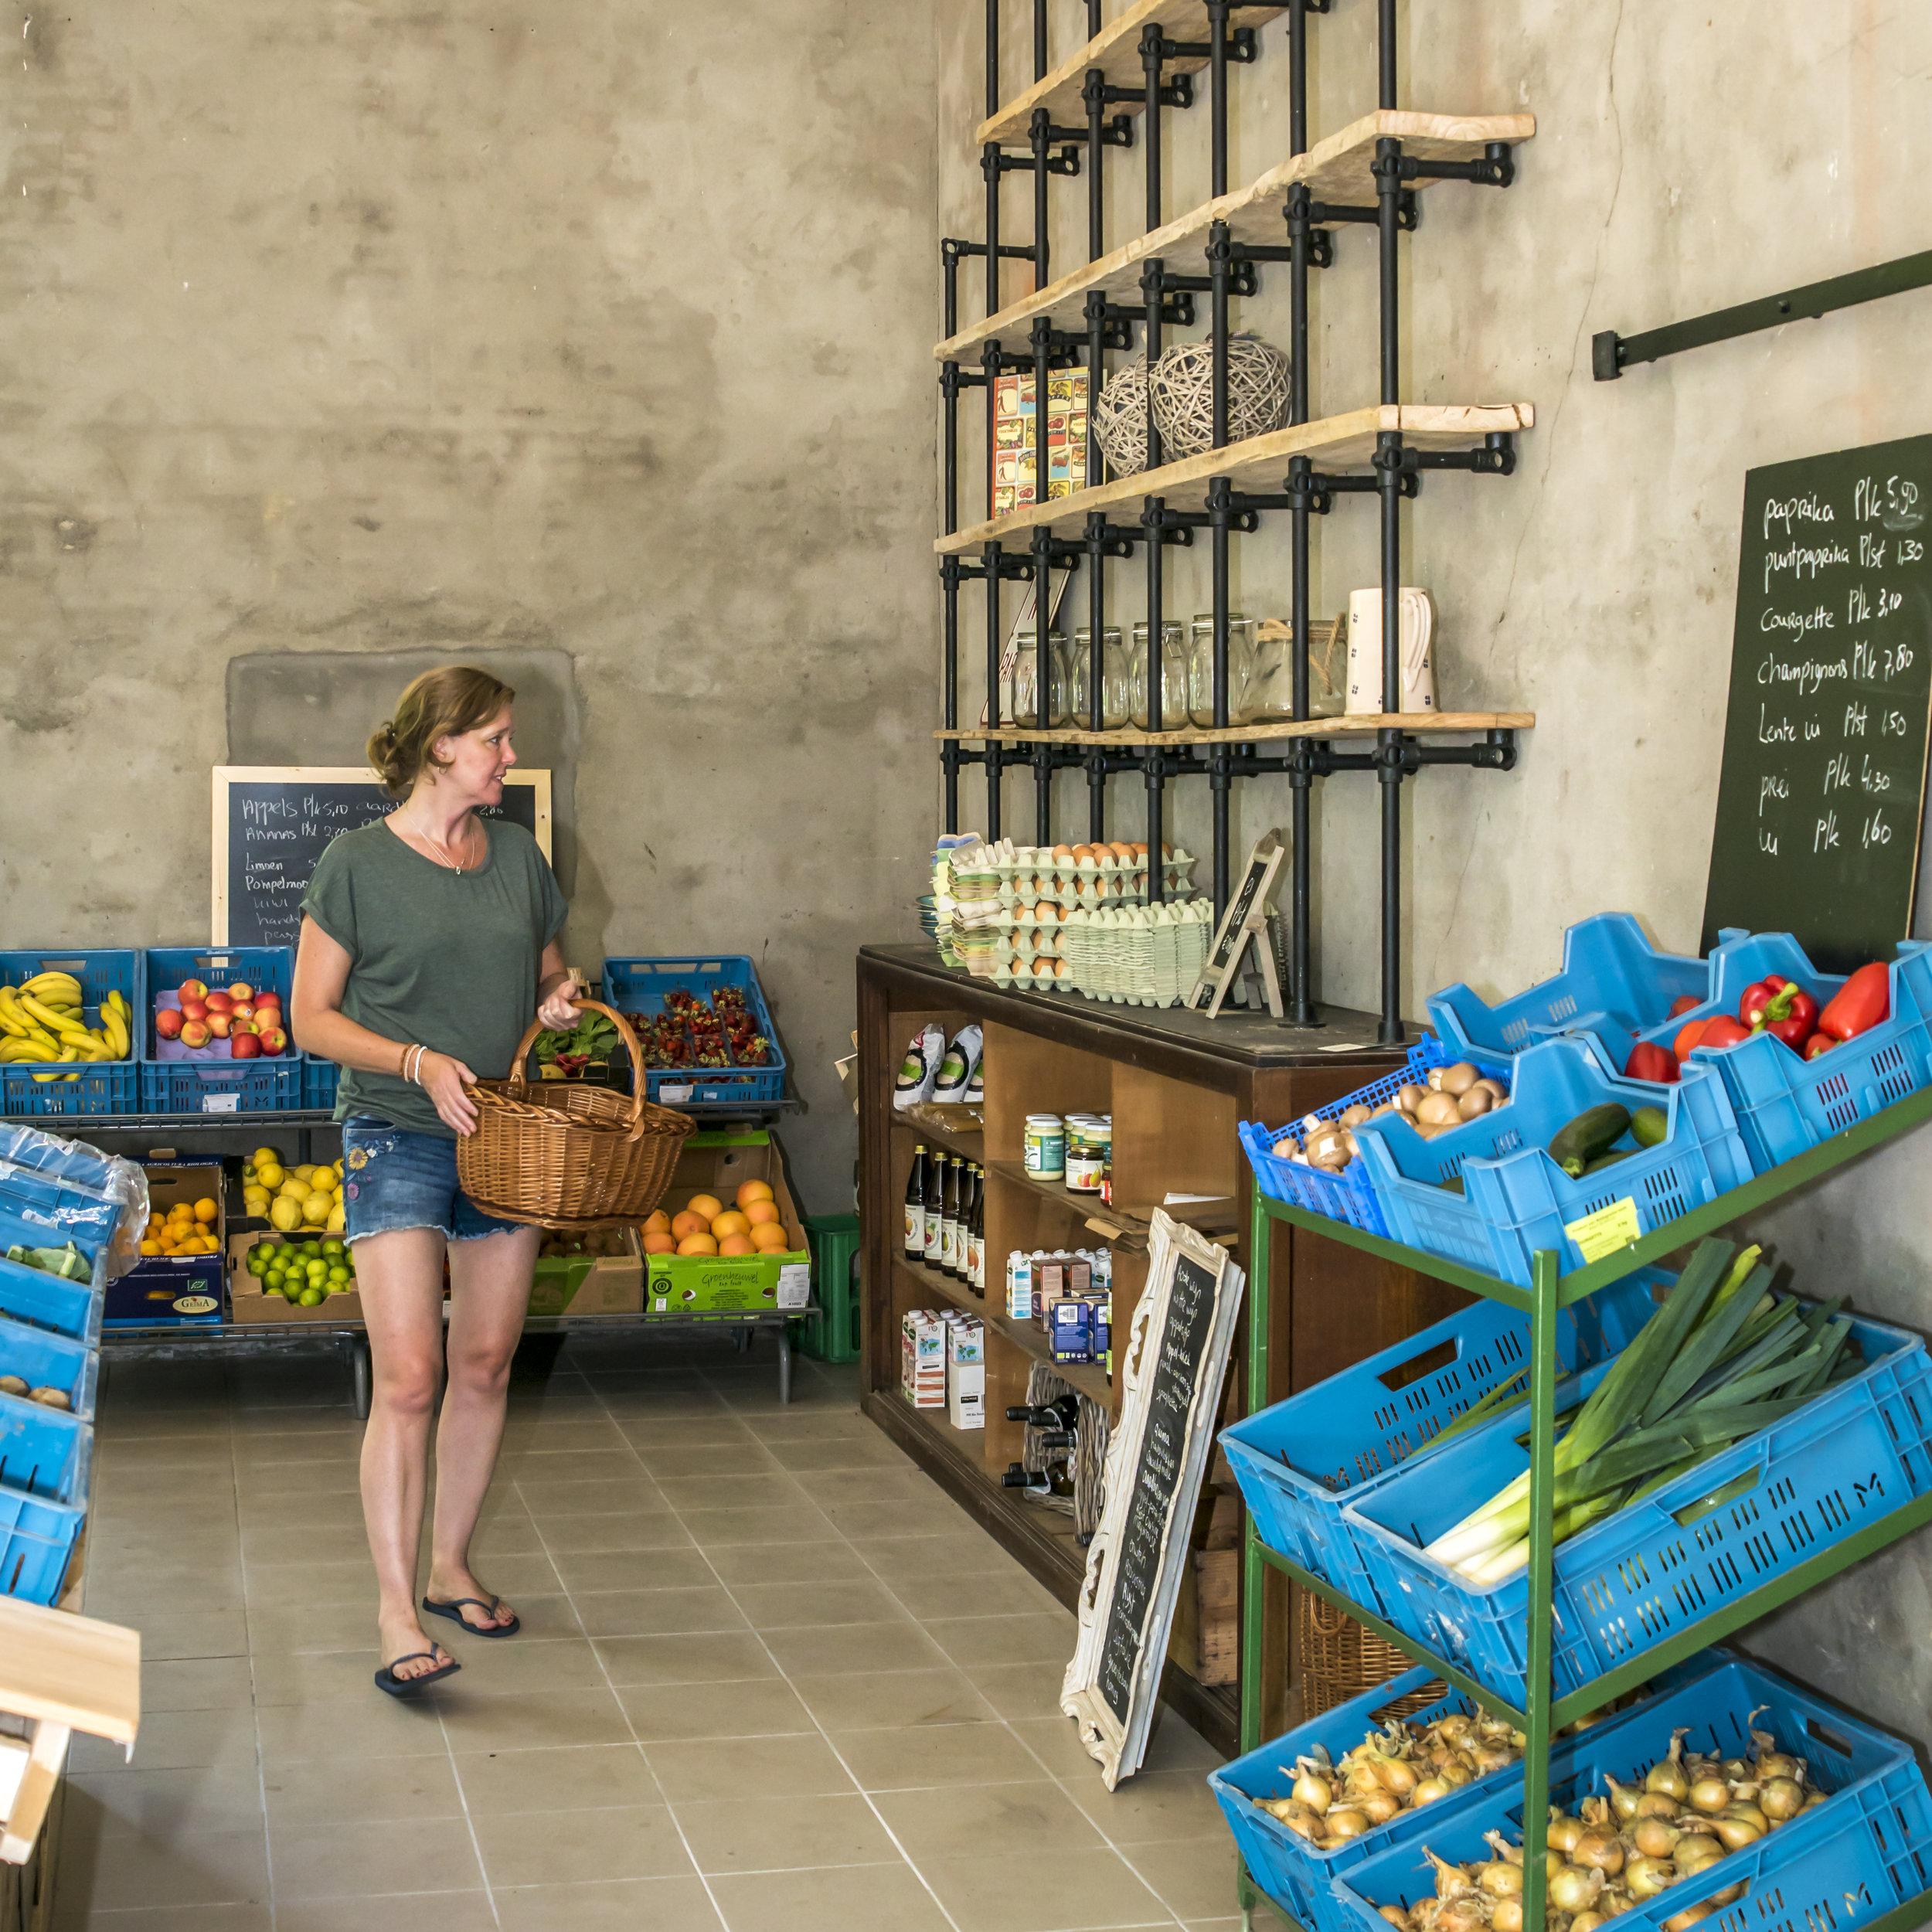 Biowinkel Voedselbron  Wil je ook de echte, pure groentesmaak nog eens willen proeven? Dat kan met de biologische groenten van Voedselbron. Vele groenten worden op een paar meter afstand van de winkel geoogst en zo zie je letterlijk waar de producten vandaan komen. Er is een uitgebreid groenten en fruit assortiment, van de boerderij, het  voedselbos  en aangevuld met producten van collega bioboeren uit de buurt. Ook zuivelproducten en droogwaar zijn er te krijgen. Het is zeker de moeite waard om eens de boodschapjes in de  biowinkel  te doen. -  Dwarsstraat 9, 4569 PB Graauw